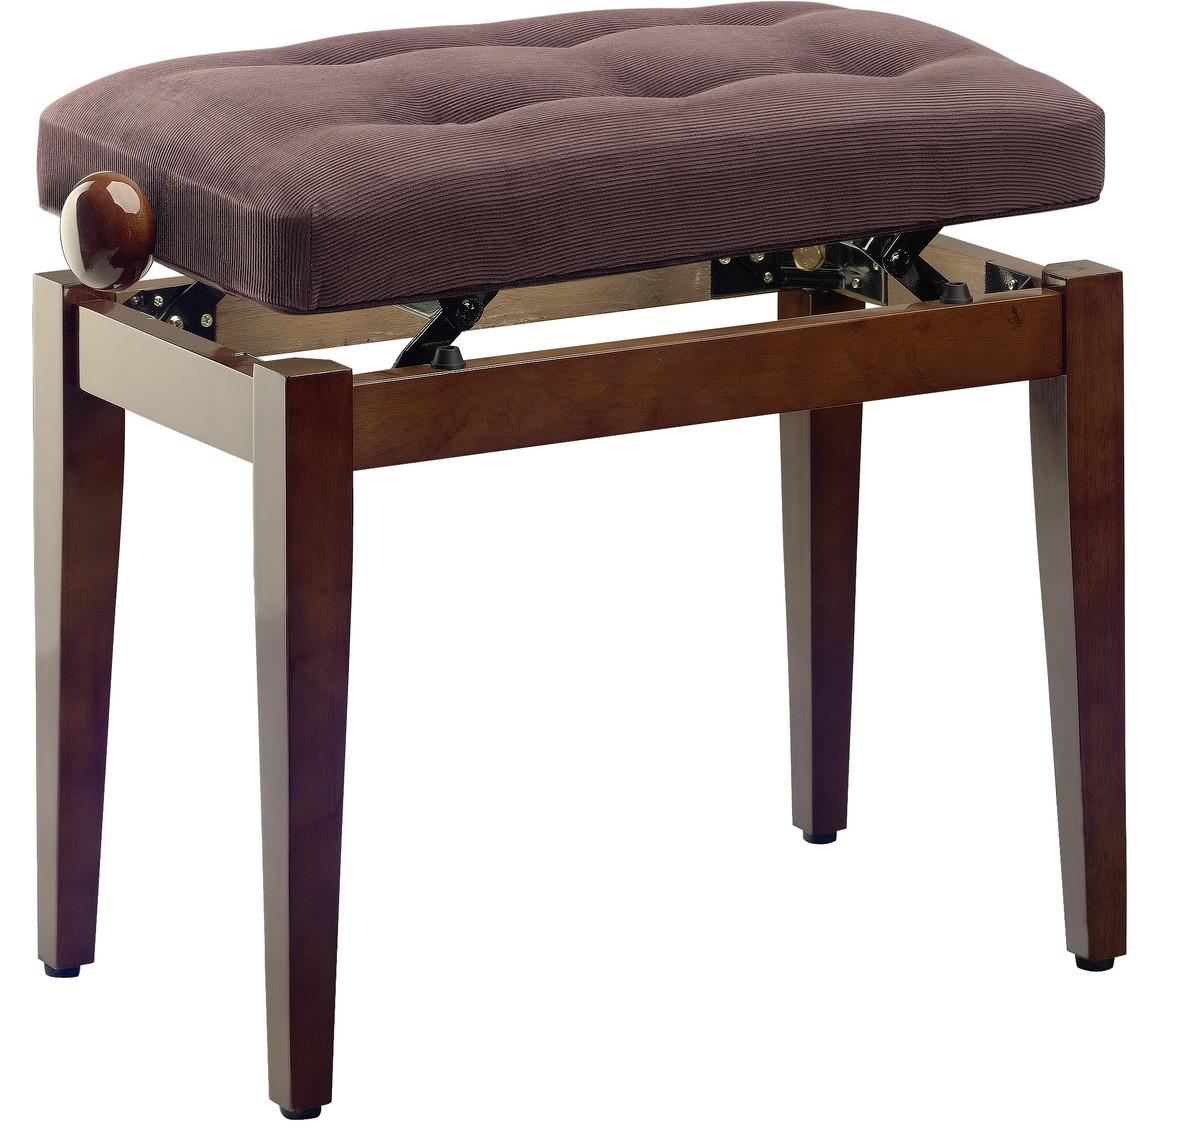 Stagg PB43 WNP VBR, stolička ke klavíru